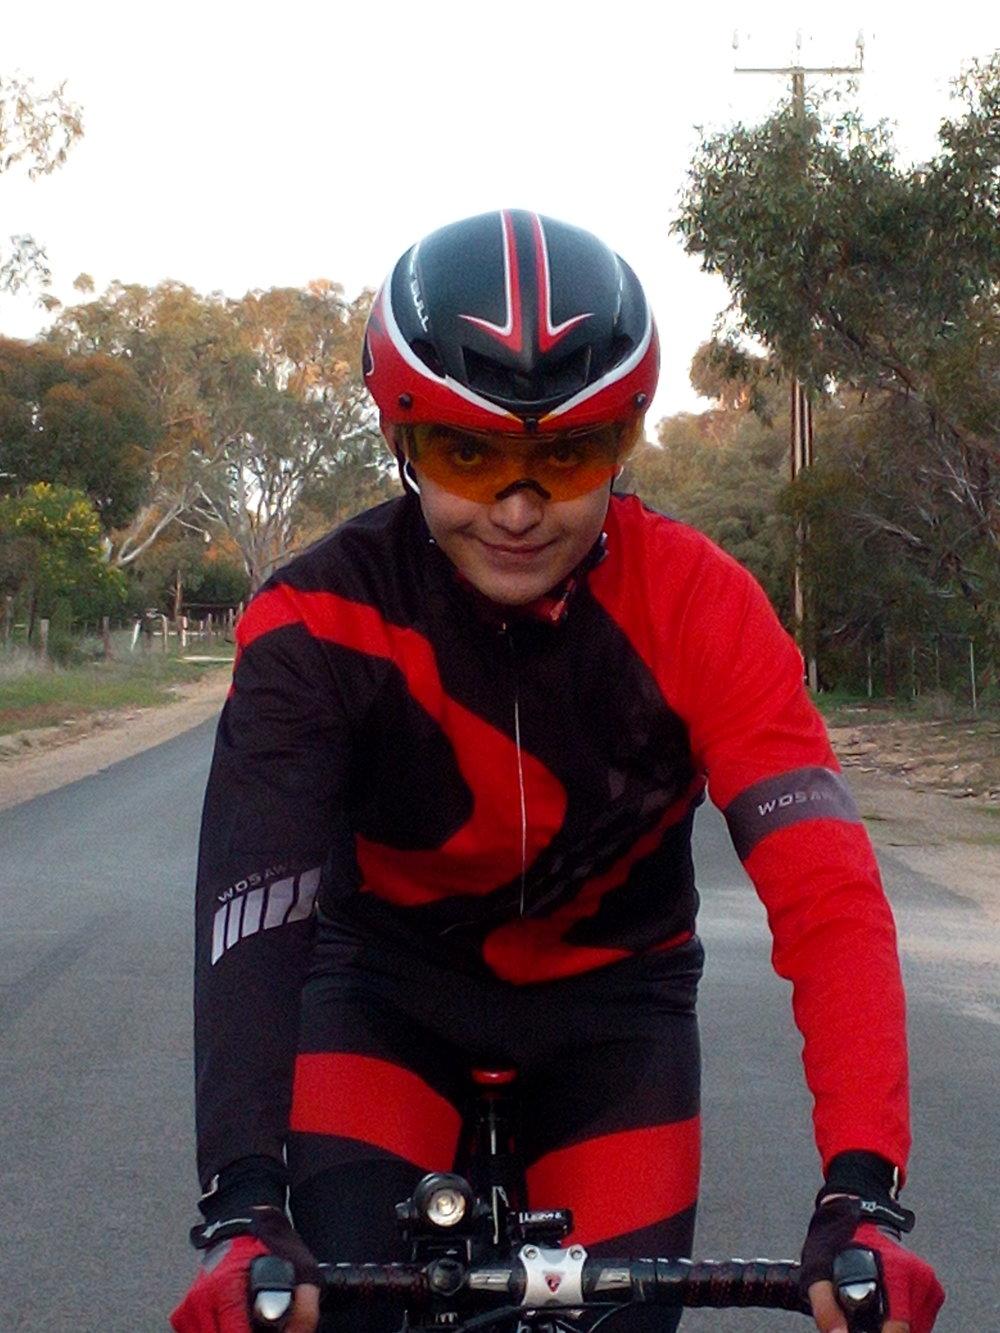 Kai on road bike.